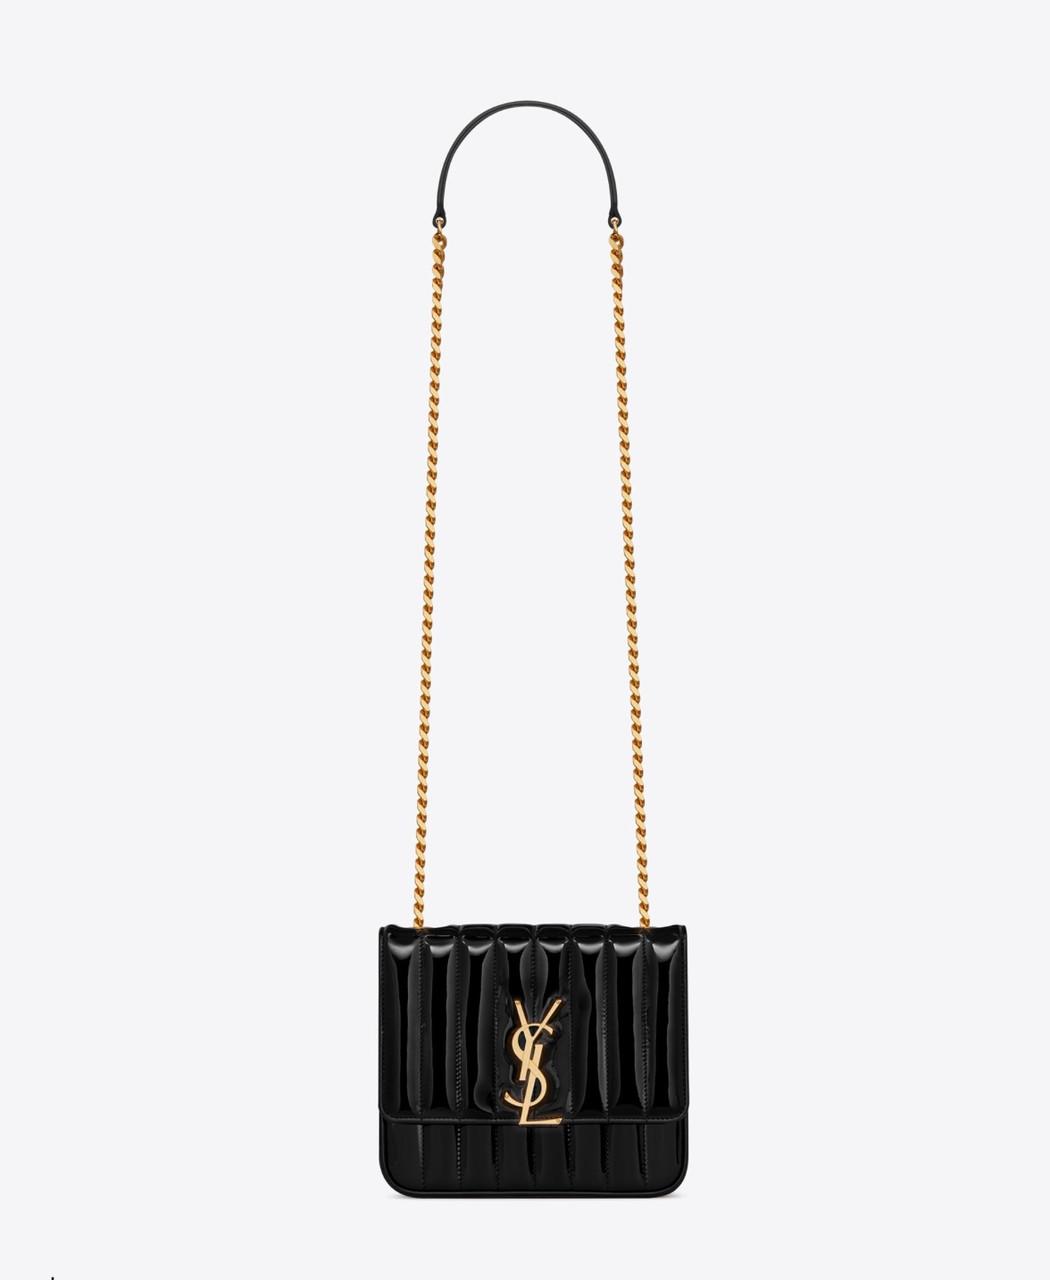 Сумка Yves Saint Laurent чёрная средняя